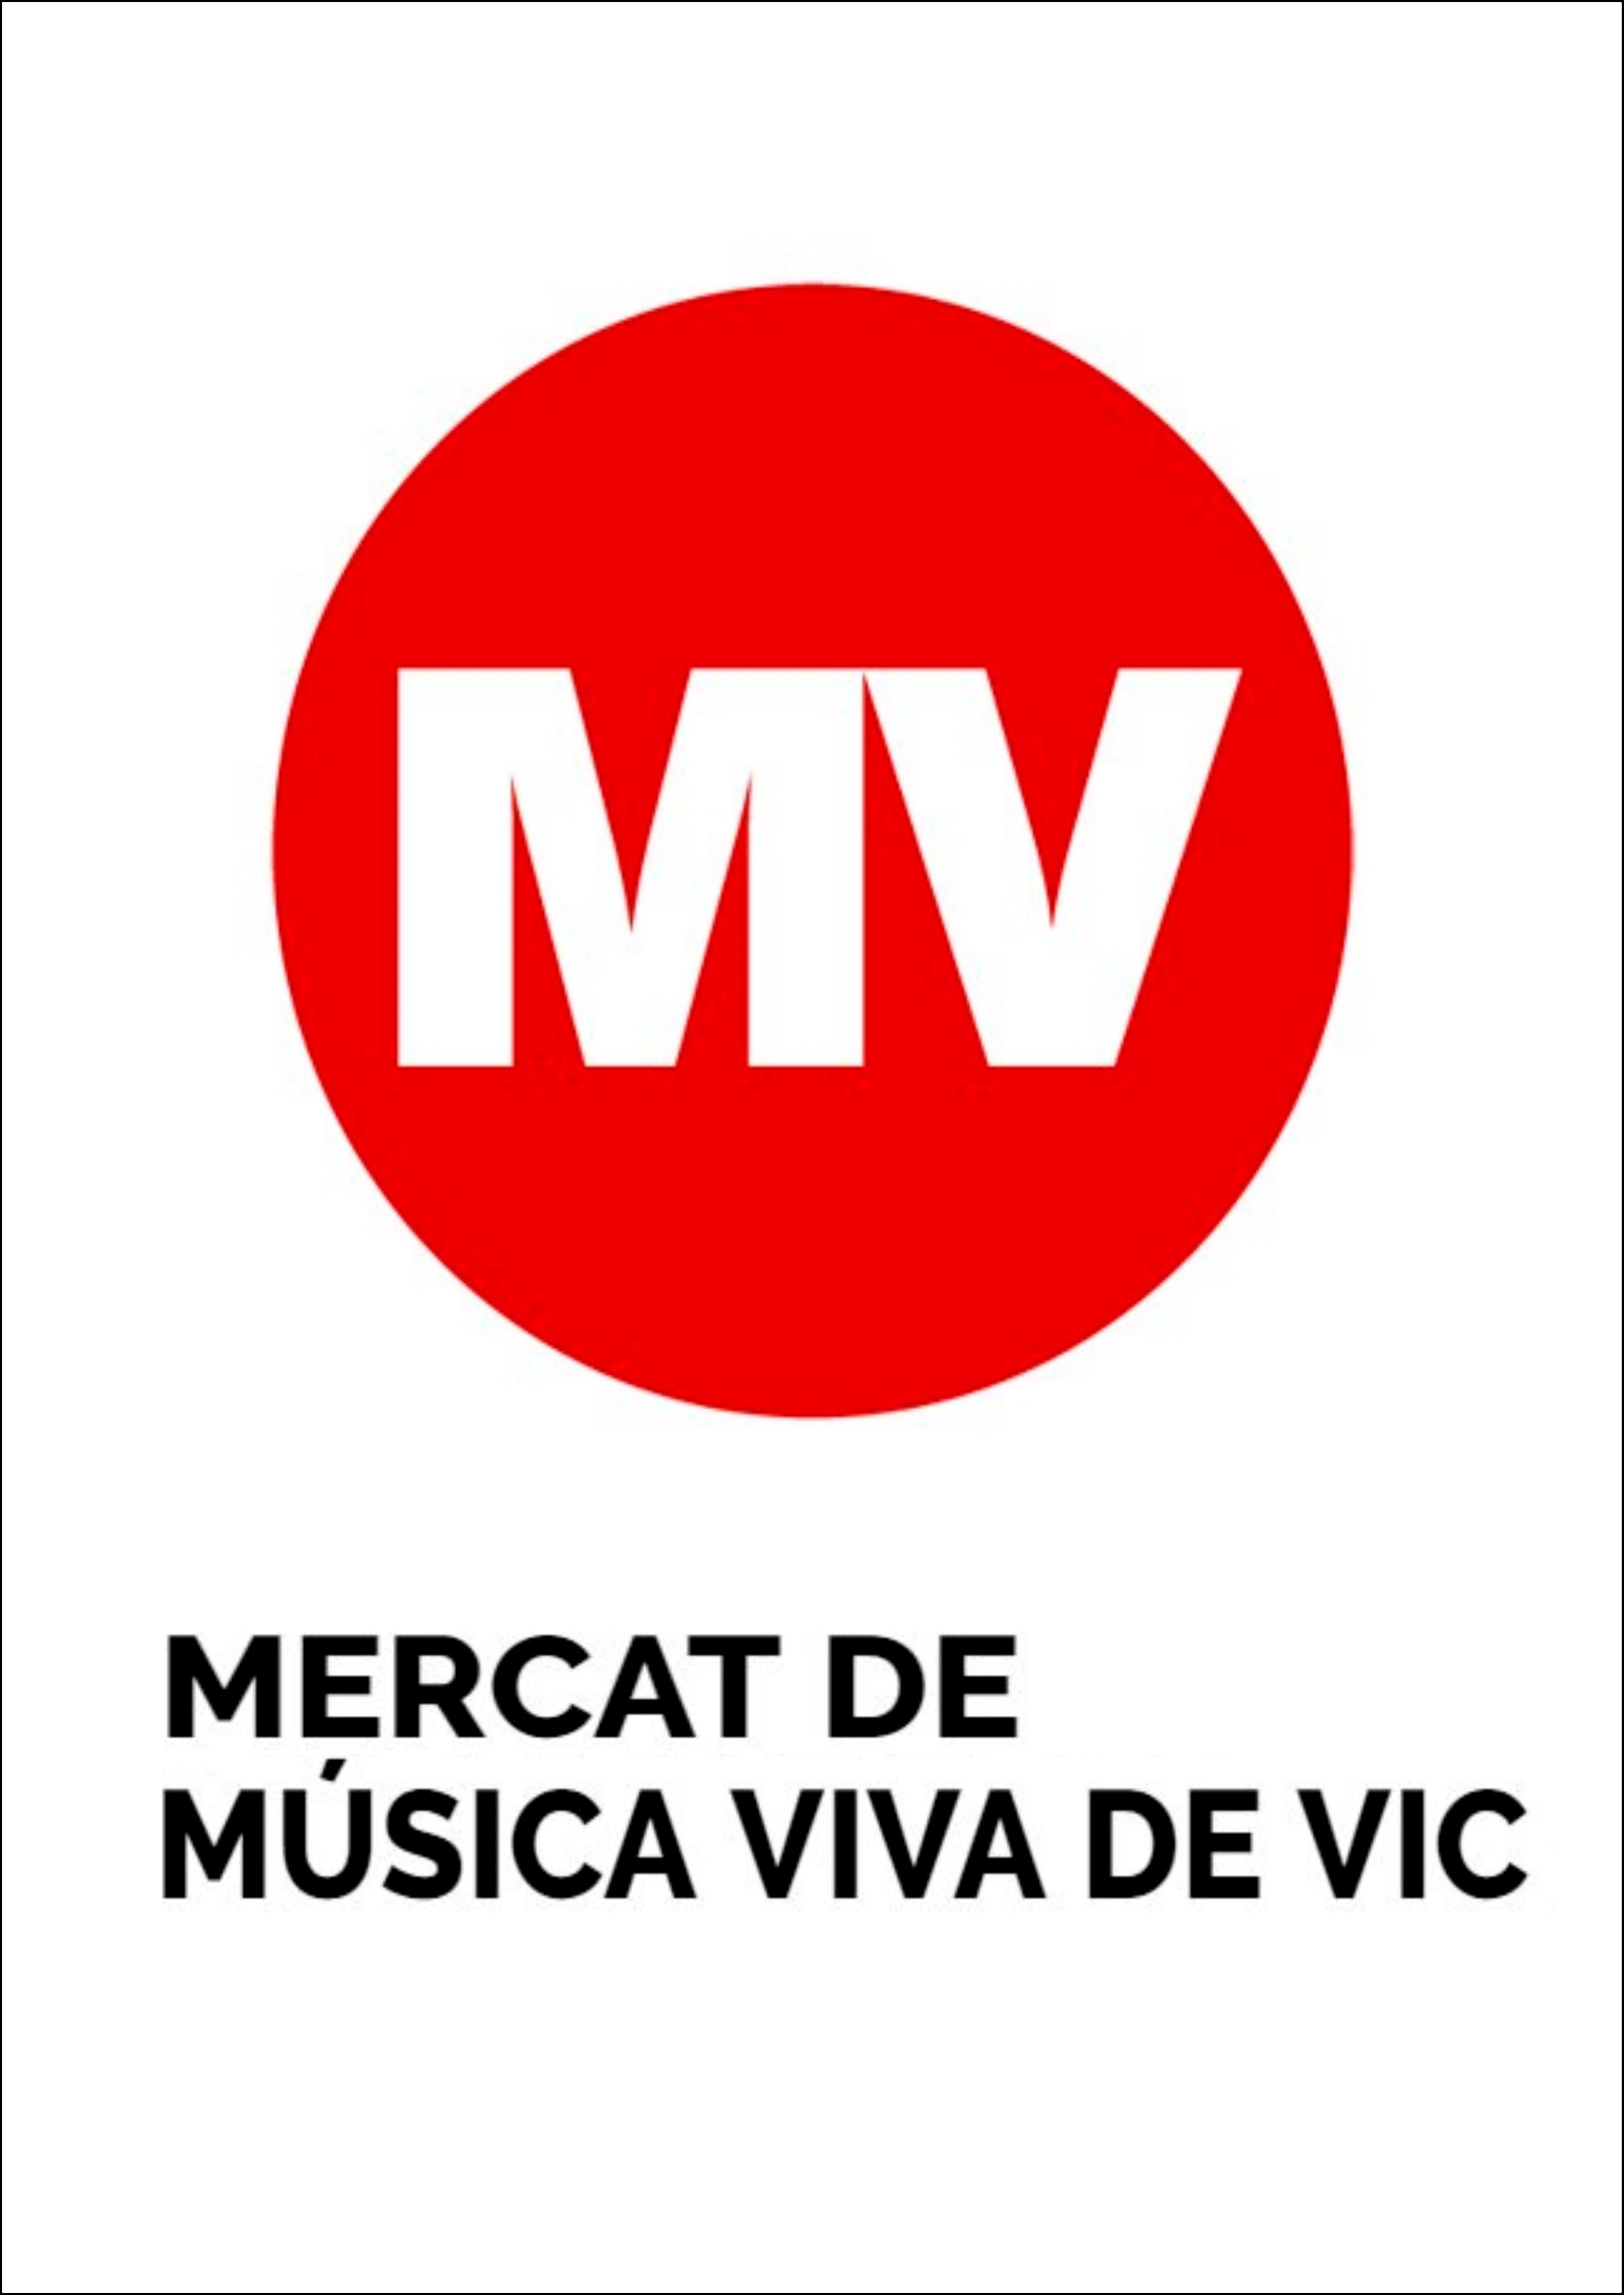 MERCAT DE MÚSICA VIVA DE VIC 2020